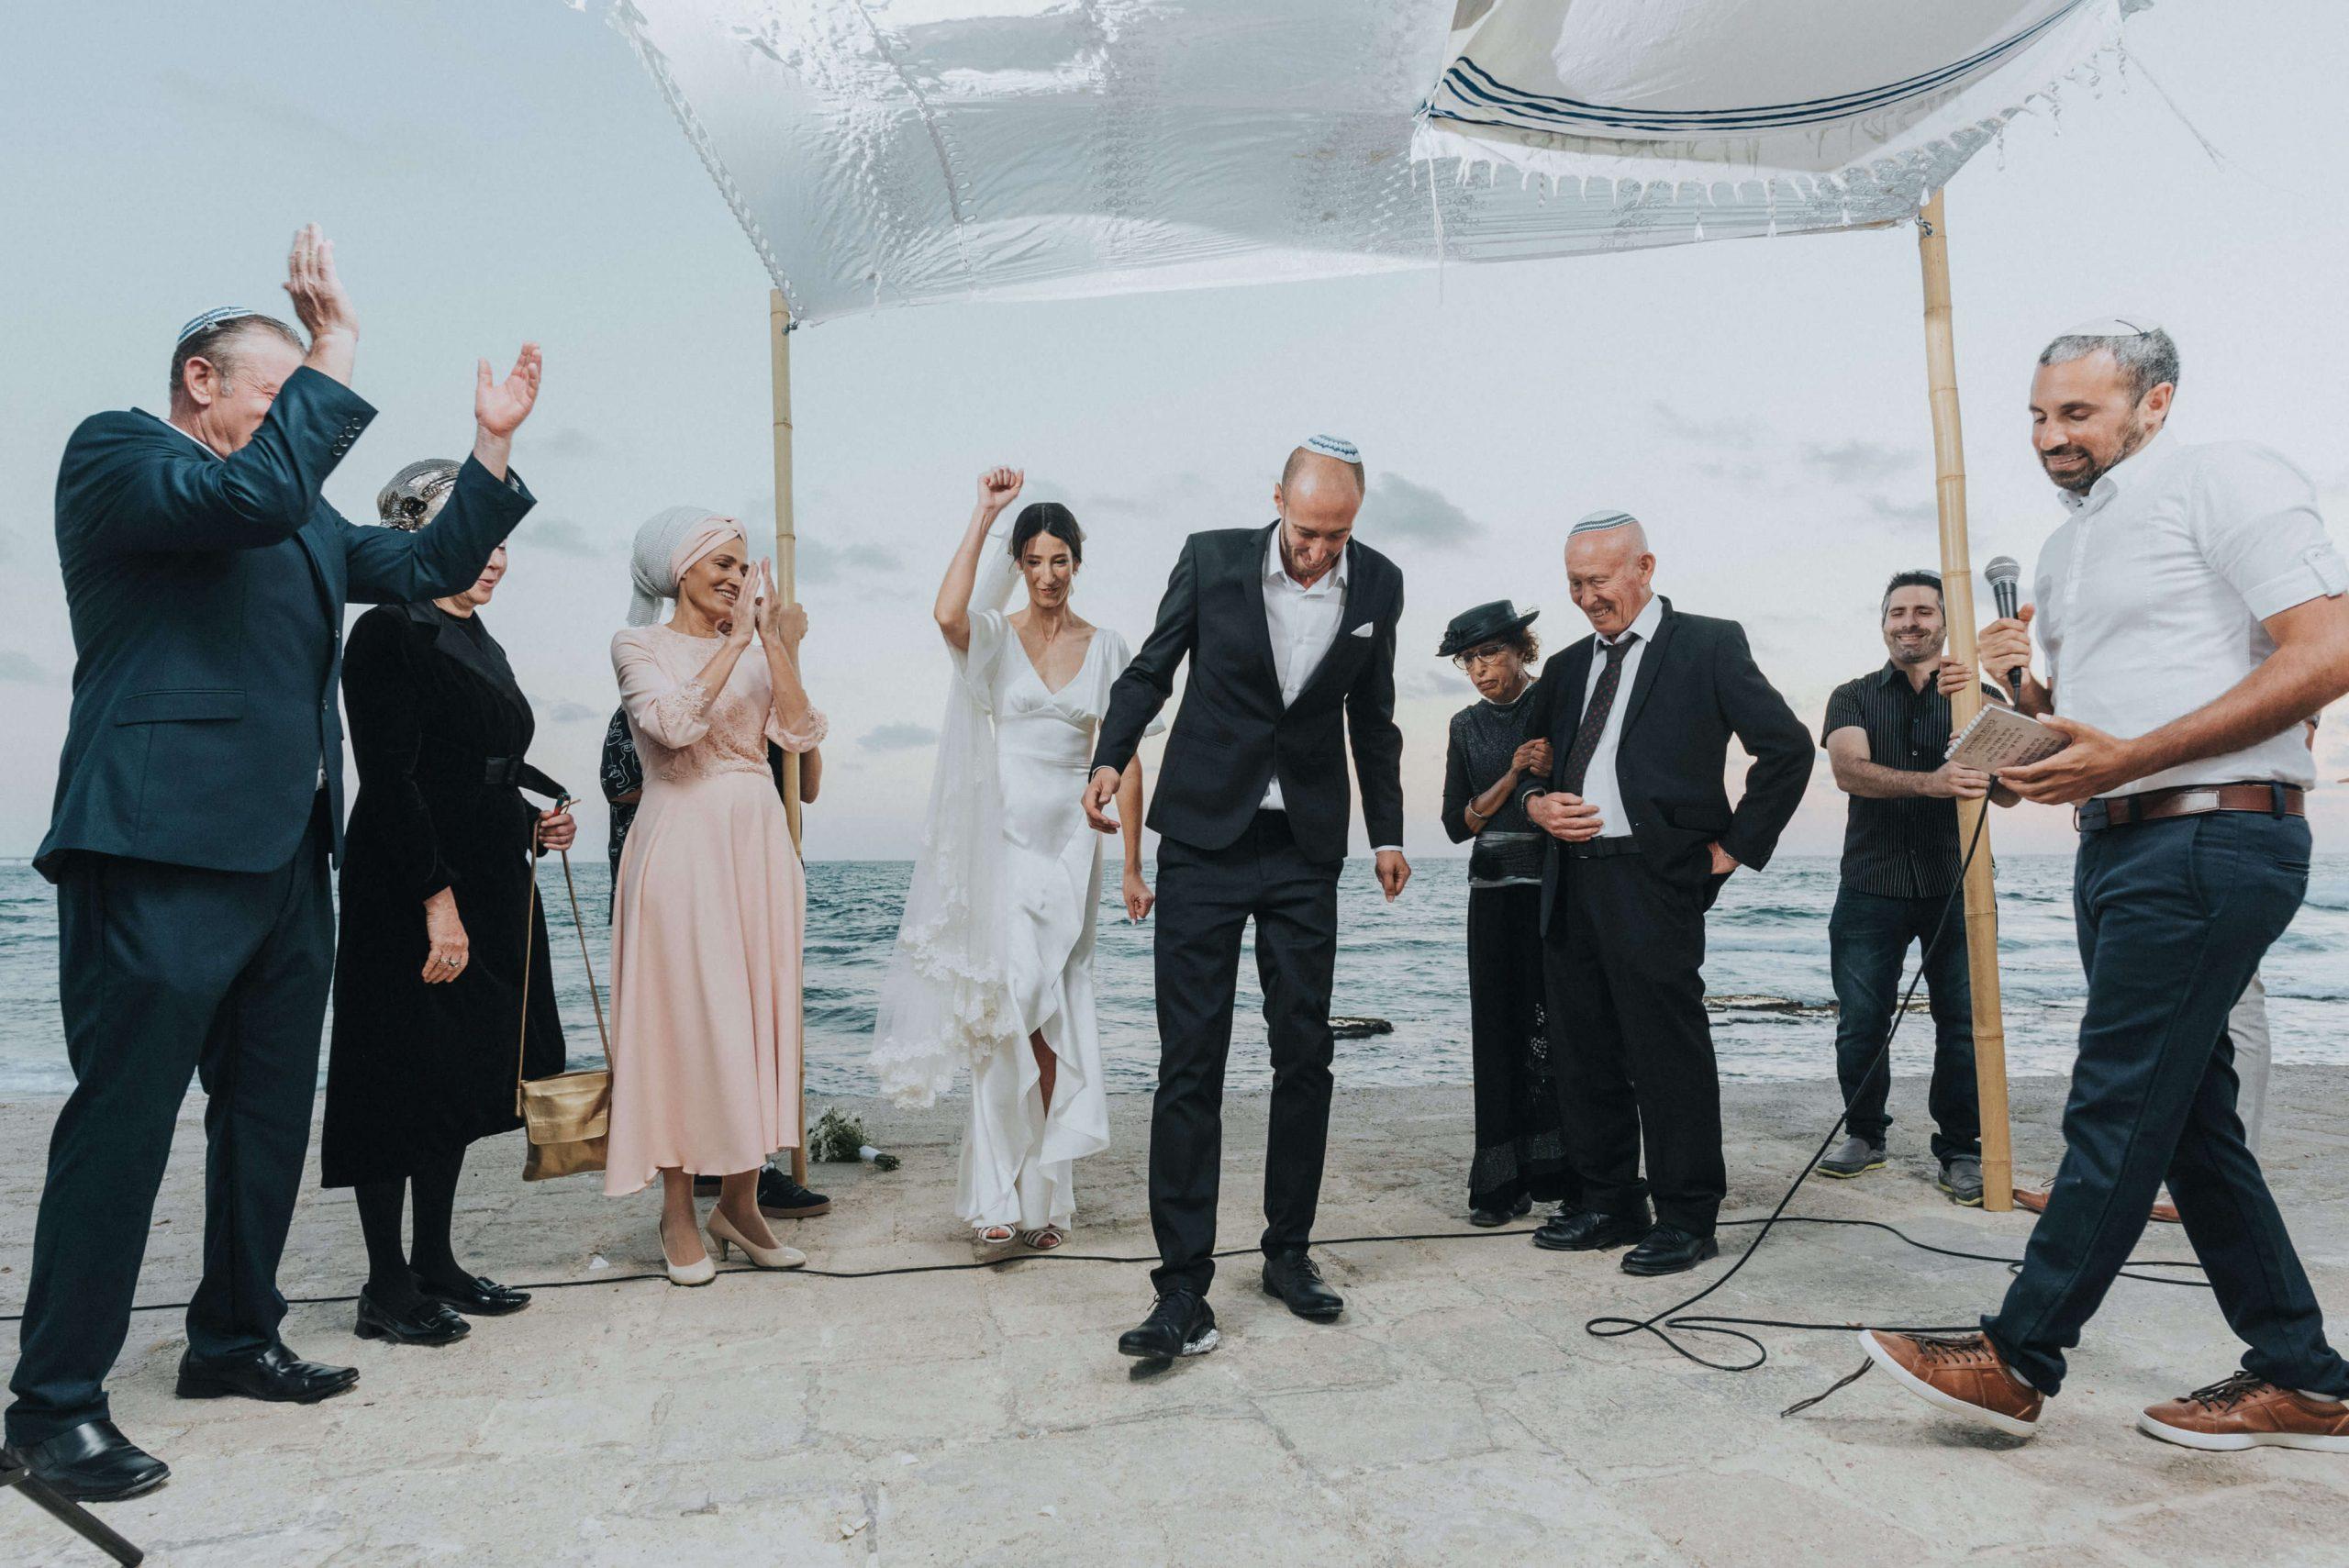 חתונה קטנה עם 80 אורחים בעתיקות קיסריה: הסיפור של דנה ושי